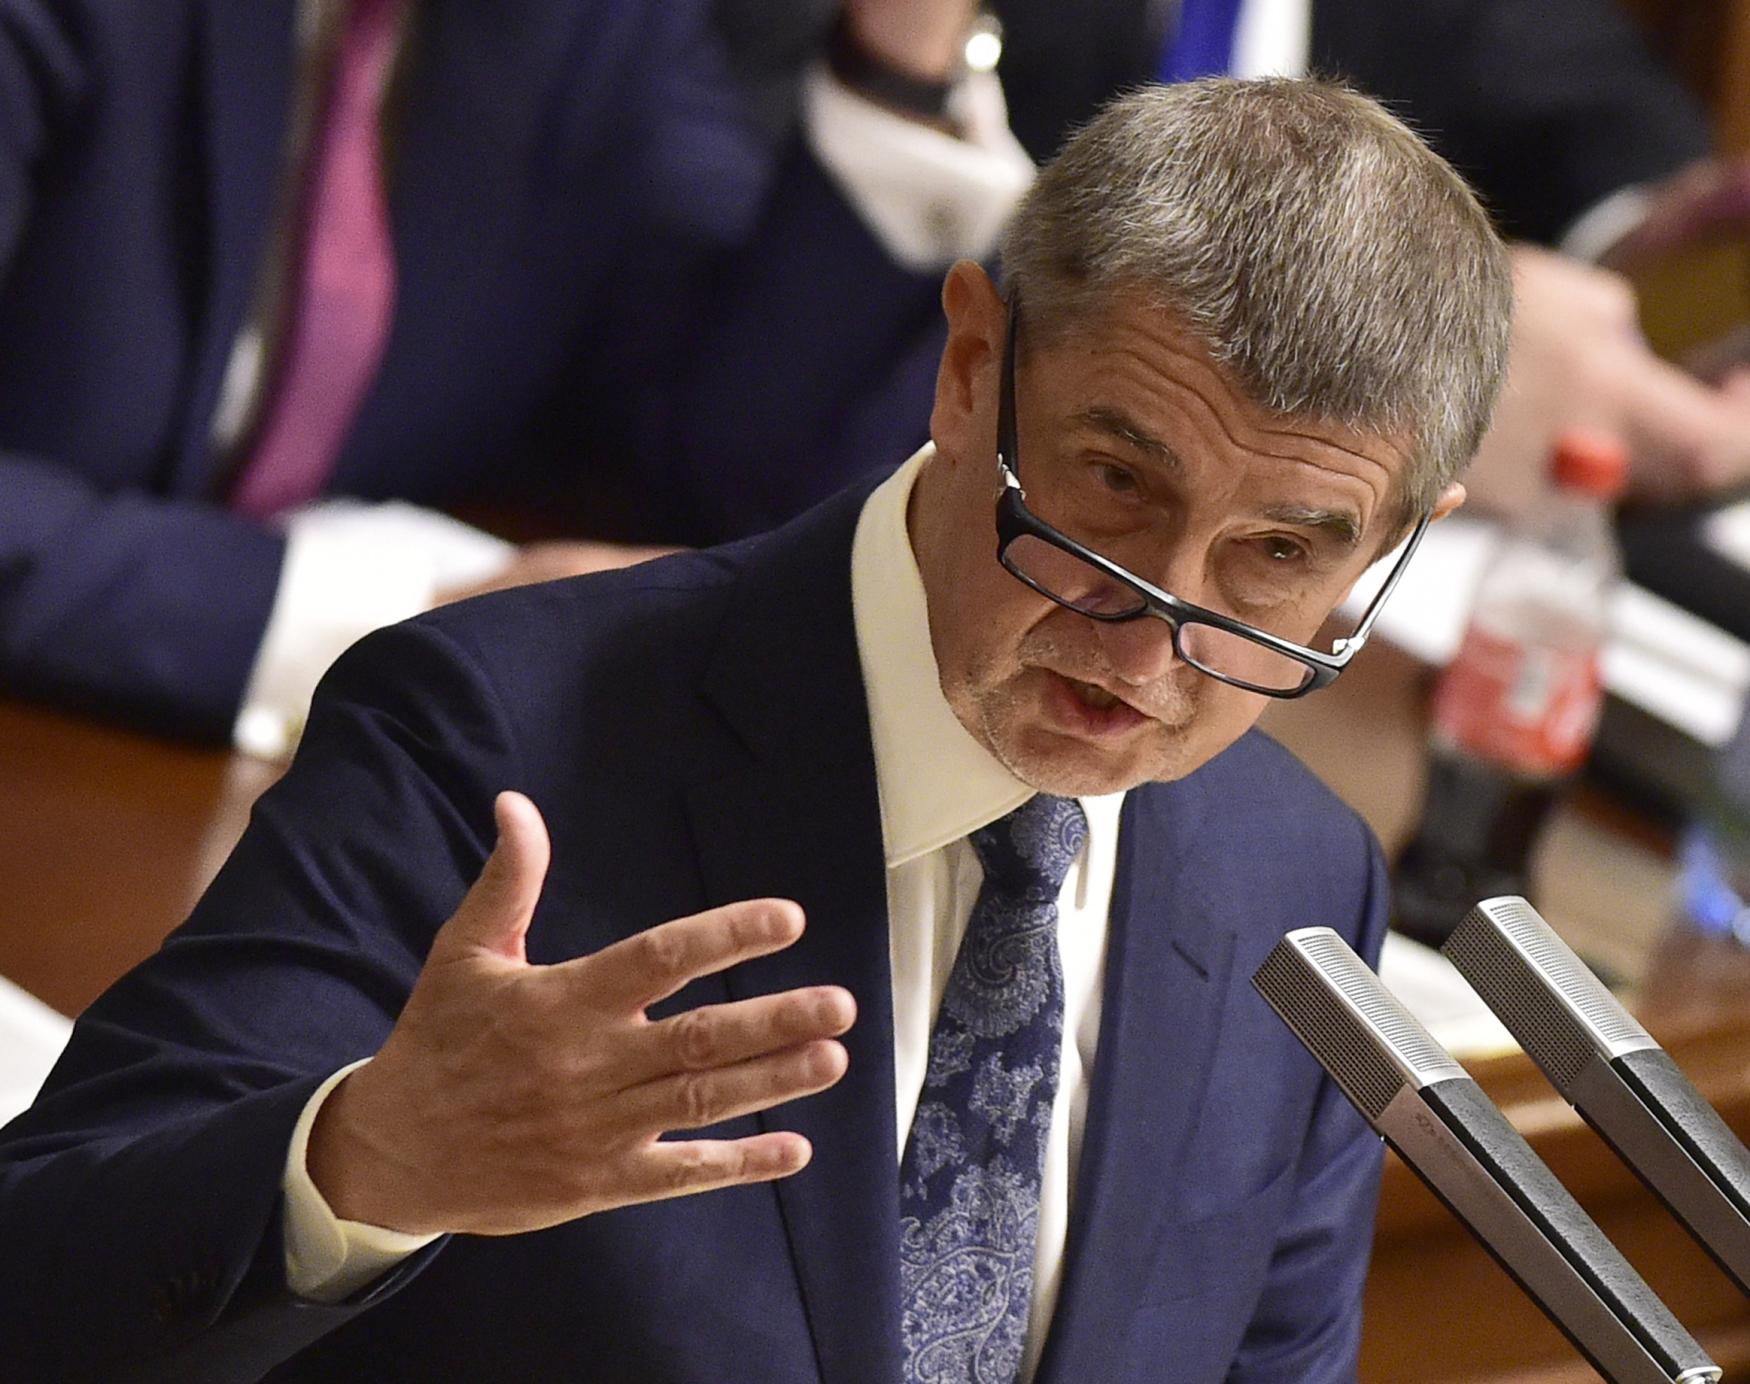 Premiér Andrej Babiš při projevu před poslanci